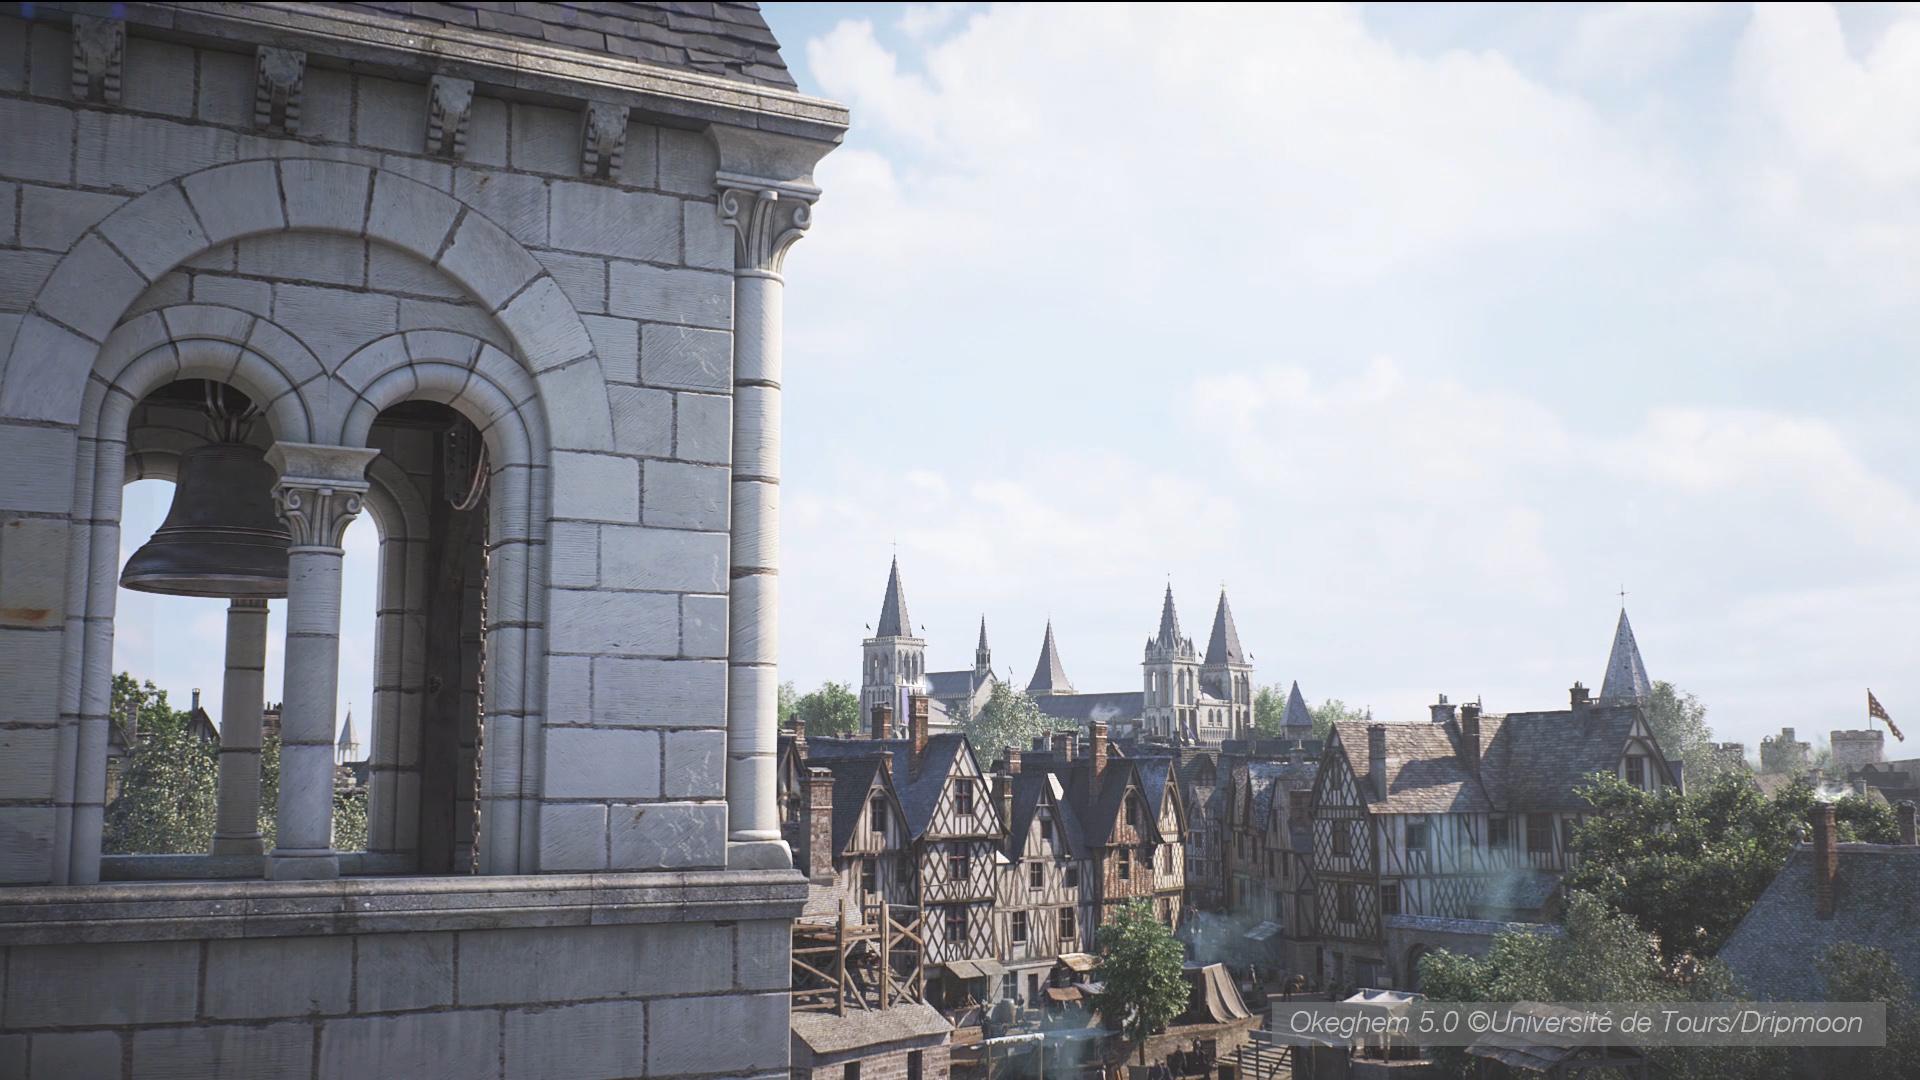 Modélisation 3D collégiale Saint Martin et une partie de la ville de Tours au XVème siècle - Agence Dripmoon à Tours